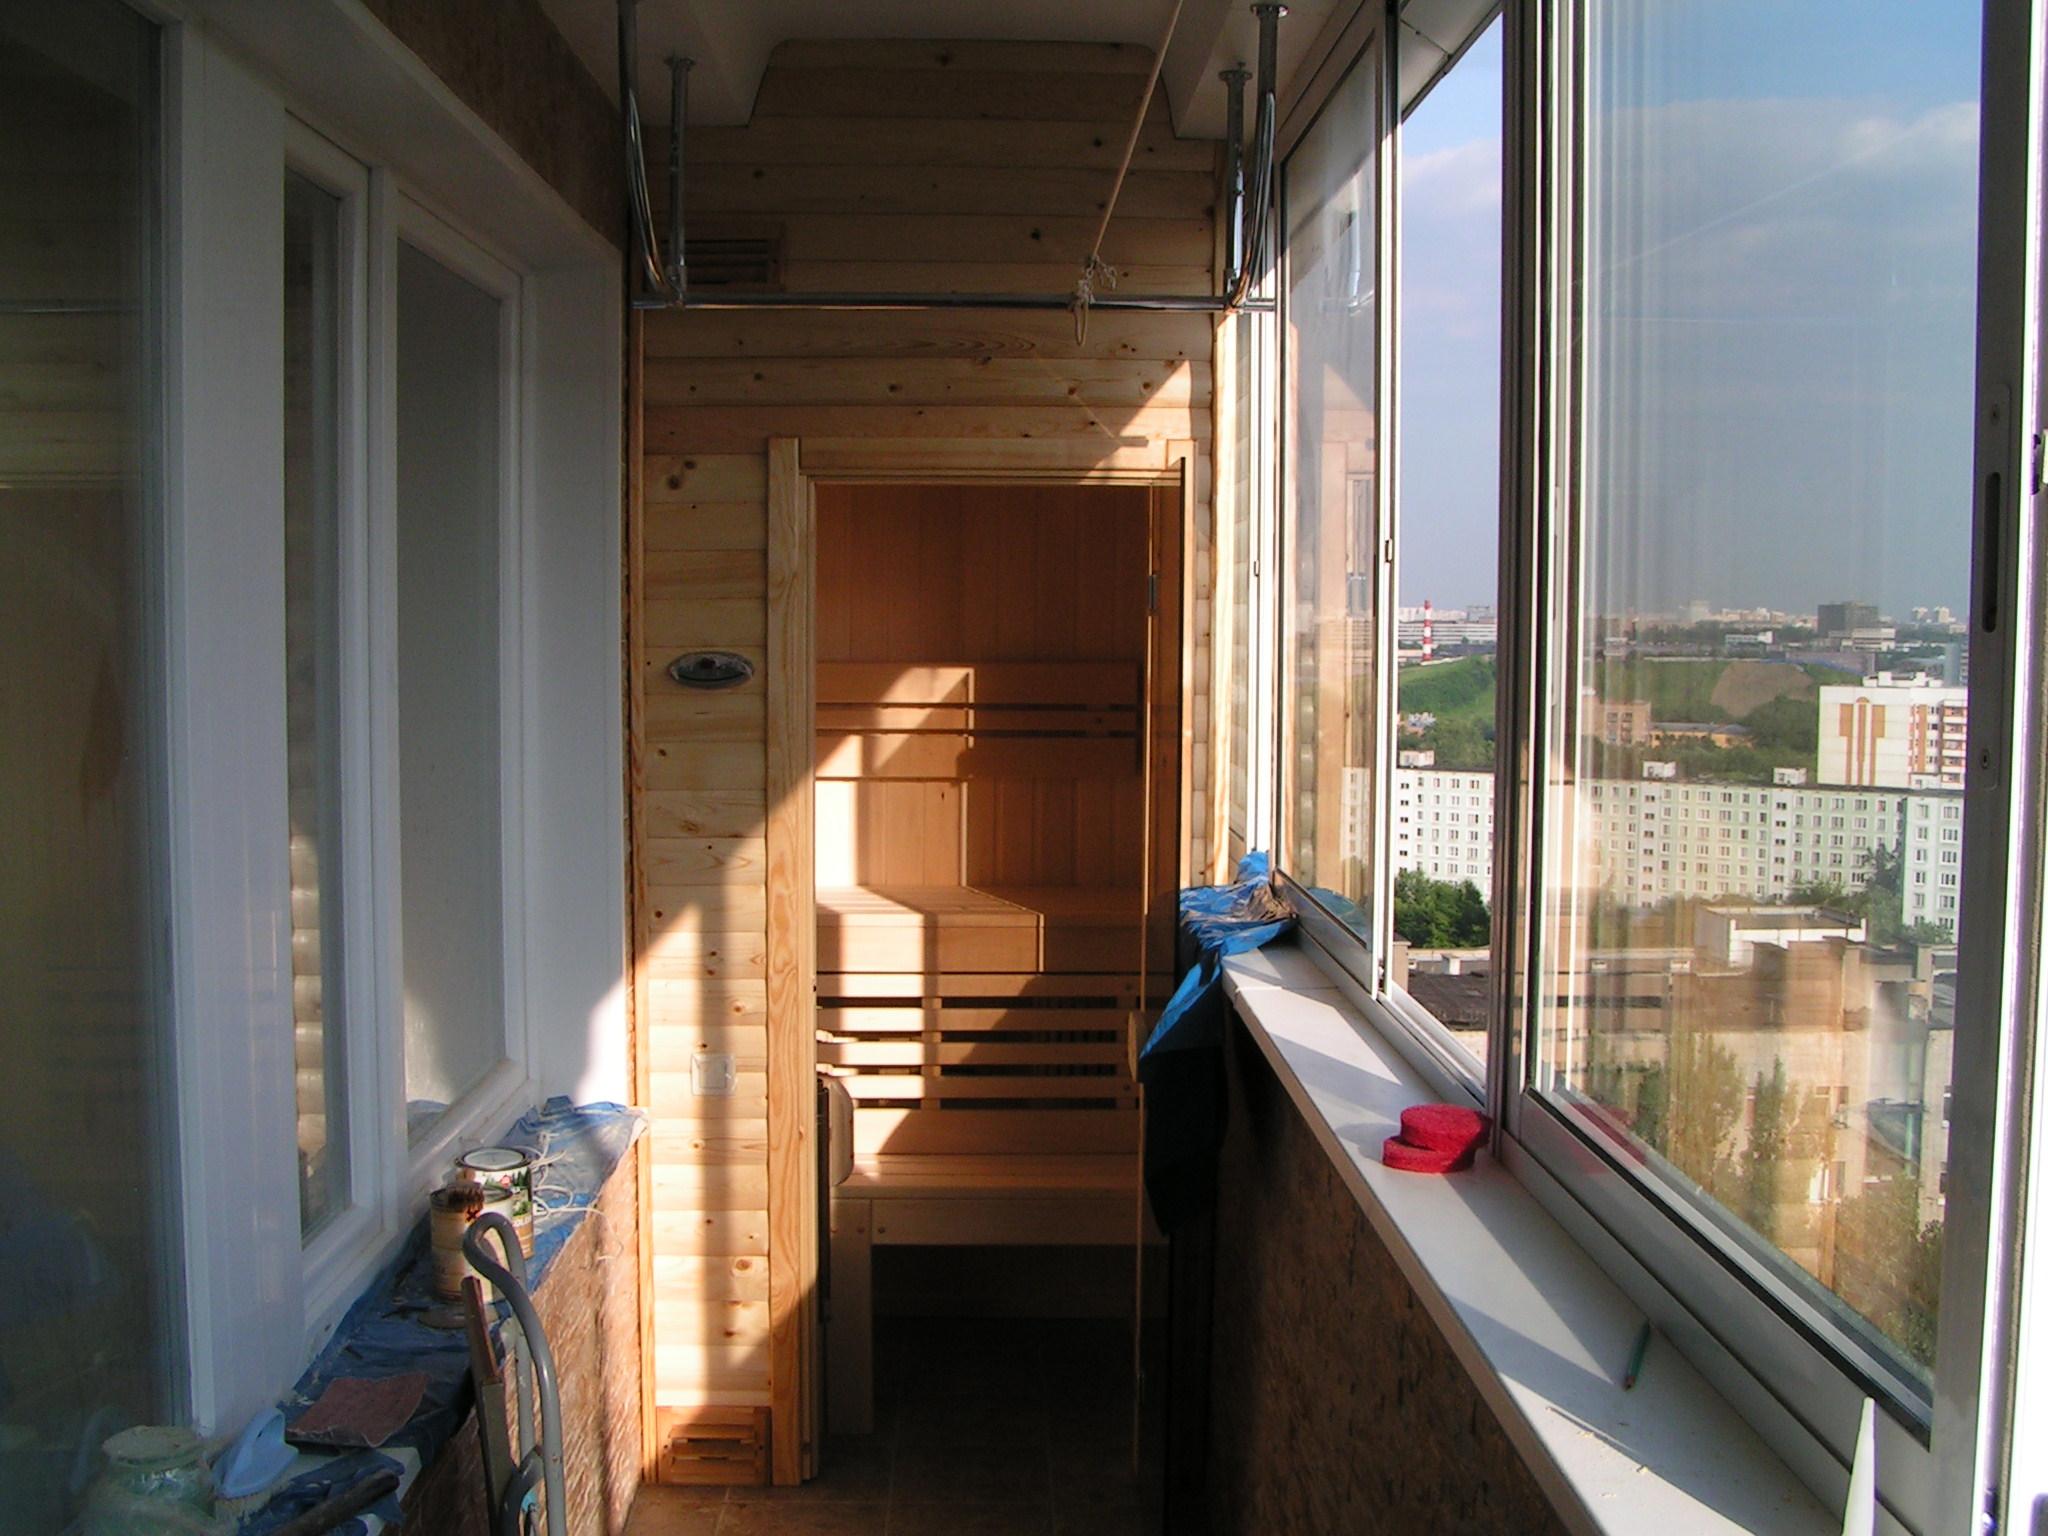 Обустроить балкон с ремонтом. - дизайн маленьких лоджий - ка.